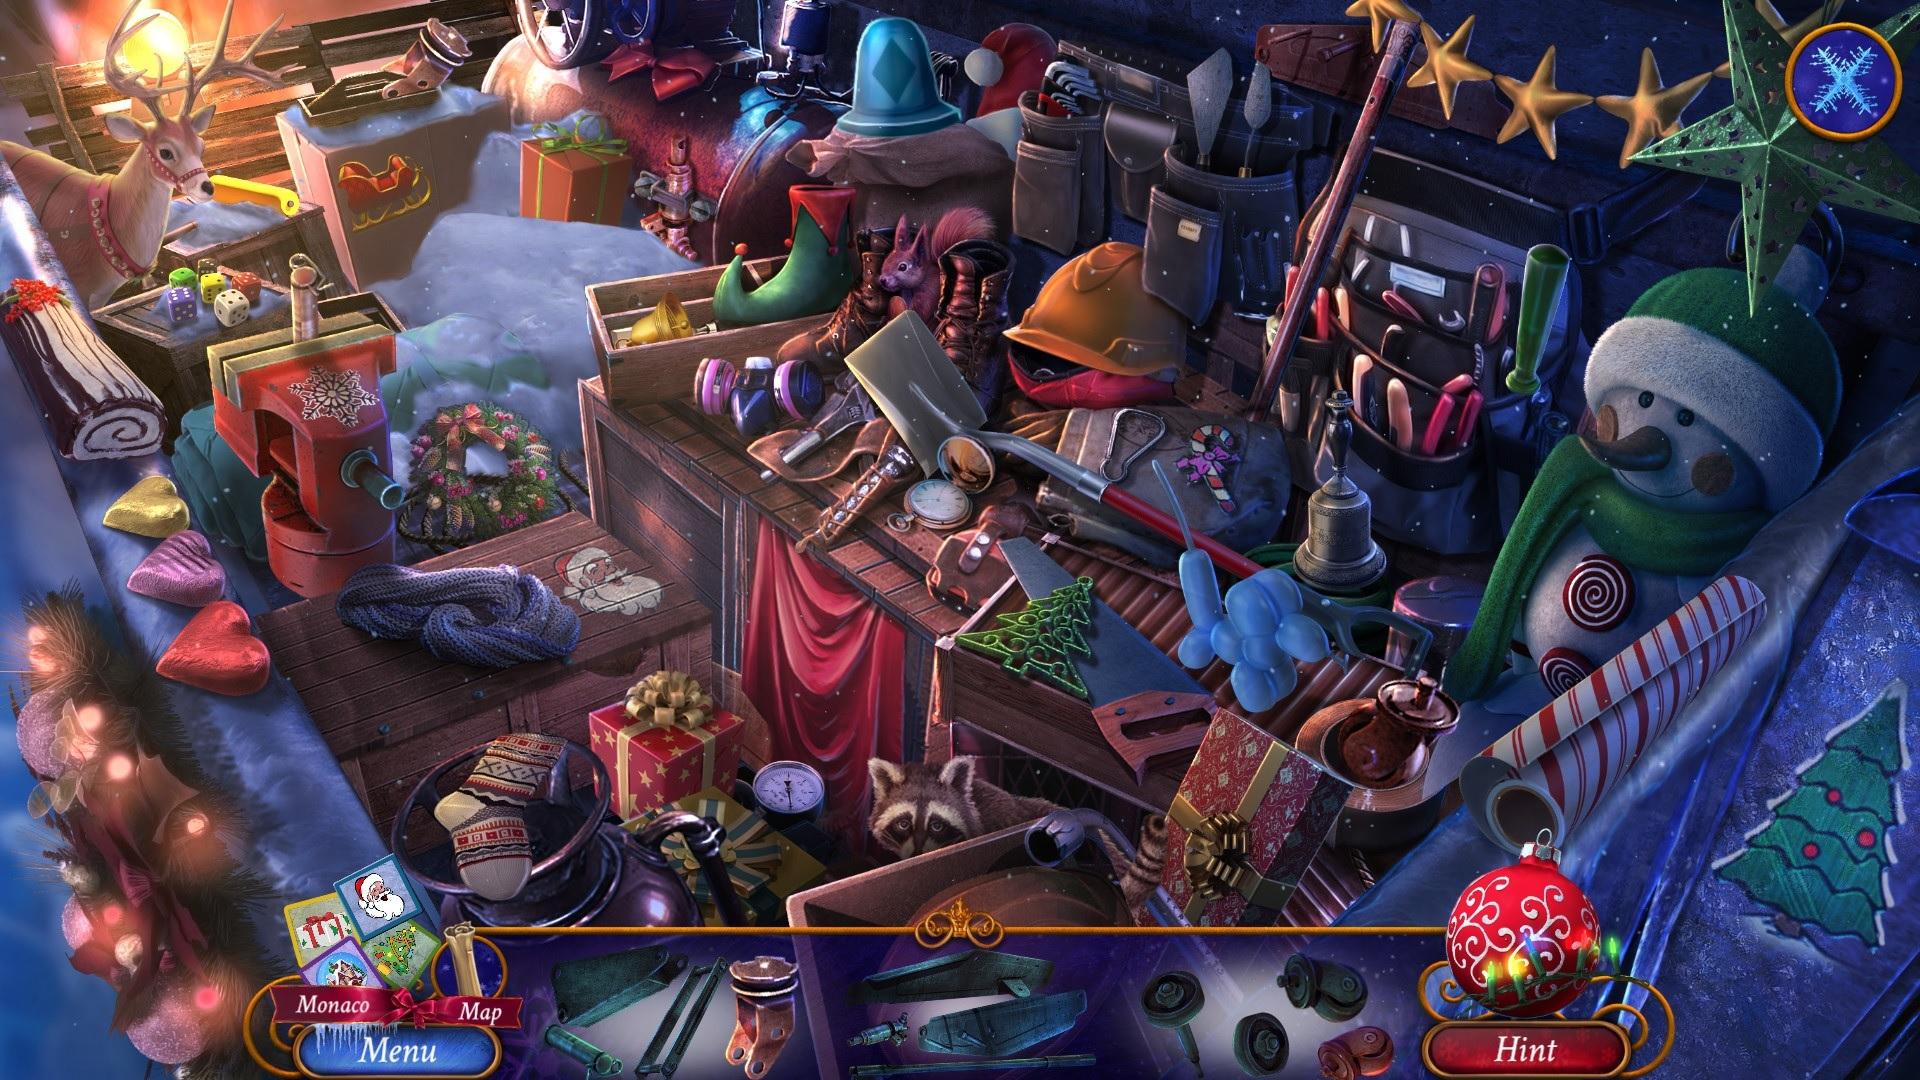 Yuletide_Legends_Who_Framed_Santa_Claus_5